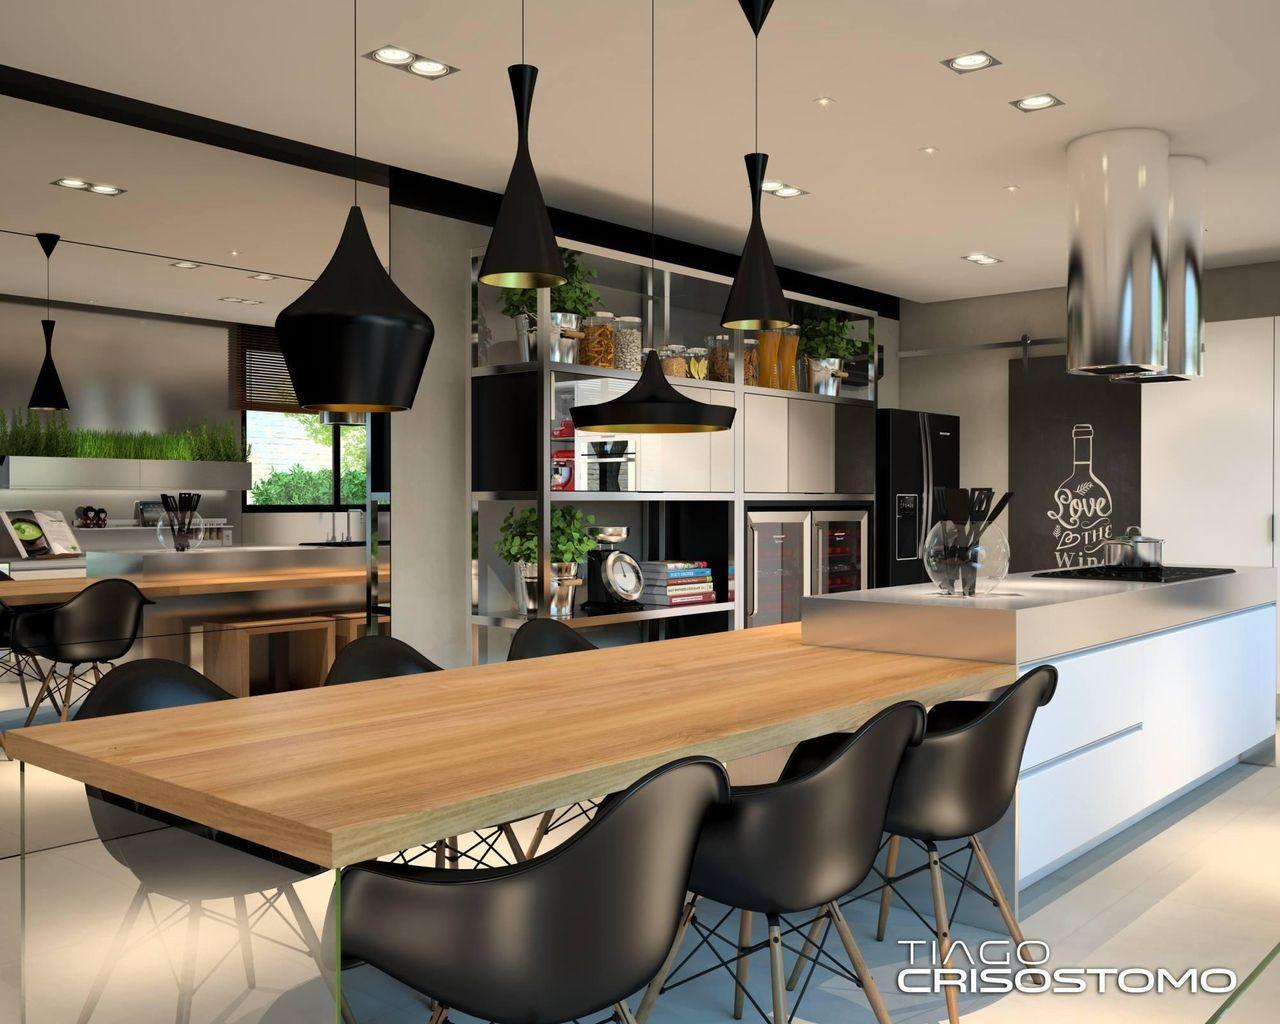 Luminarias De Teto Para Cozinha Americana Oppenau Info